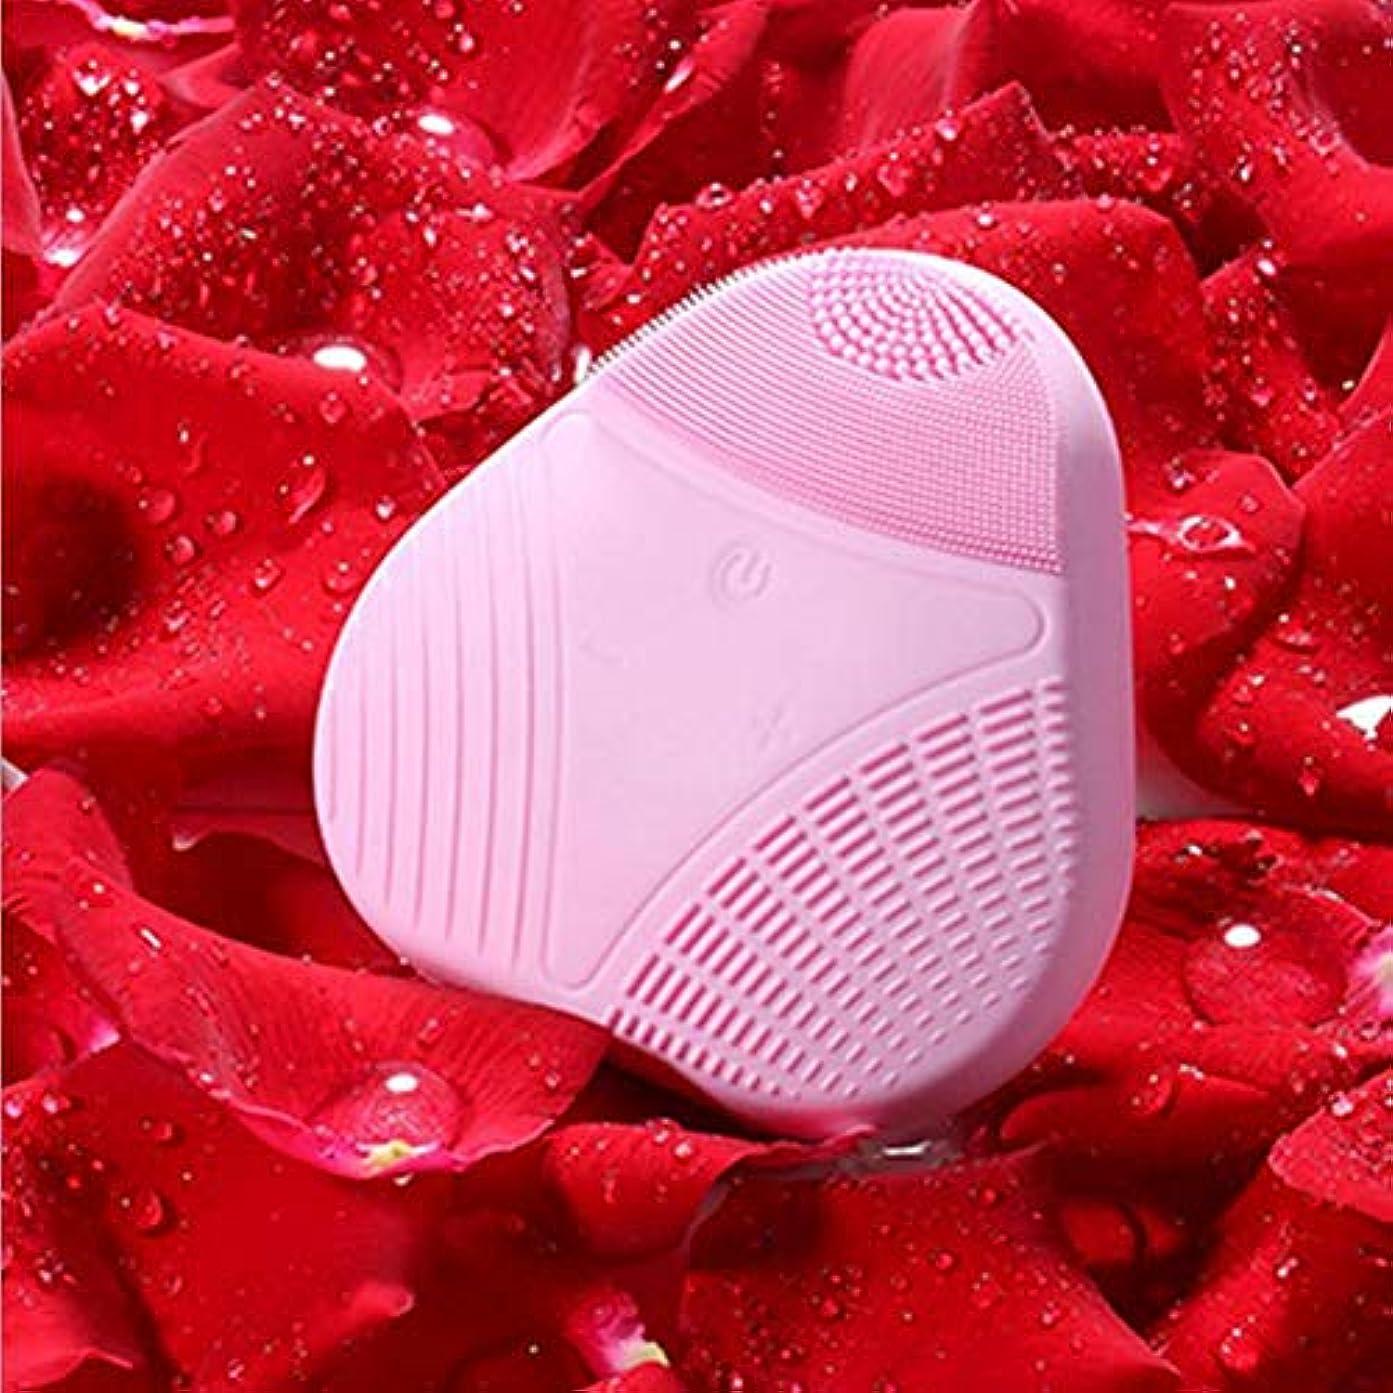 韻所有者疑い者美肌音波洗顔ブラシ IPX7防水 USB充電 電動 顔マッサージャー器 毛穴ケア アニオン導入 5階段のスピード設定 振動洗顔 美顔器 敏感肌 脂性肌 乾燥肌用 男女兼用 洗顔器 (ベビーピンク)